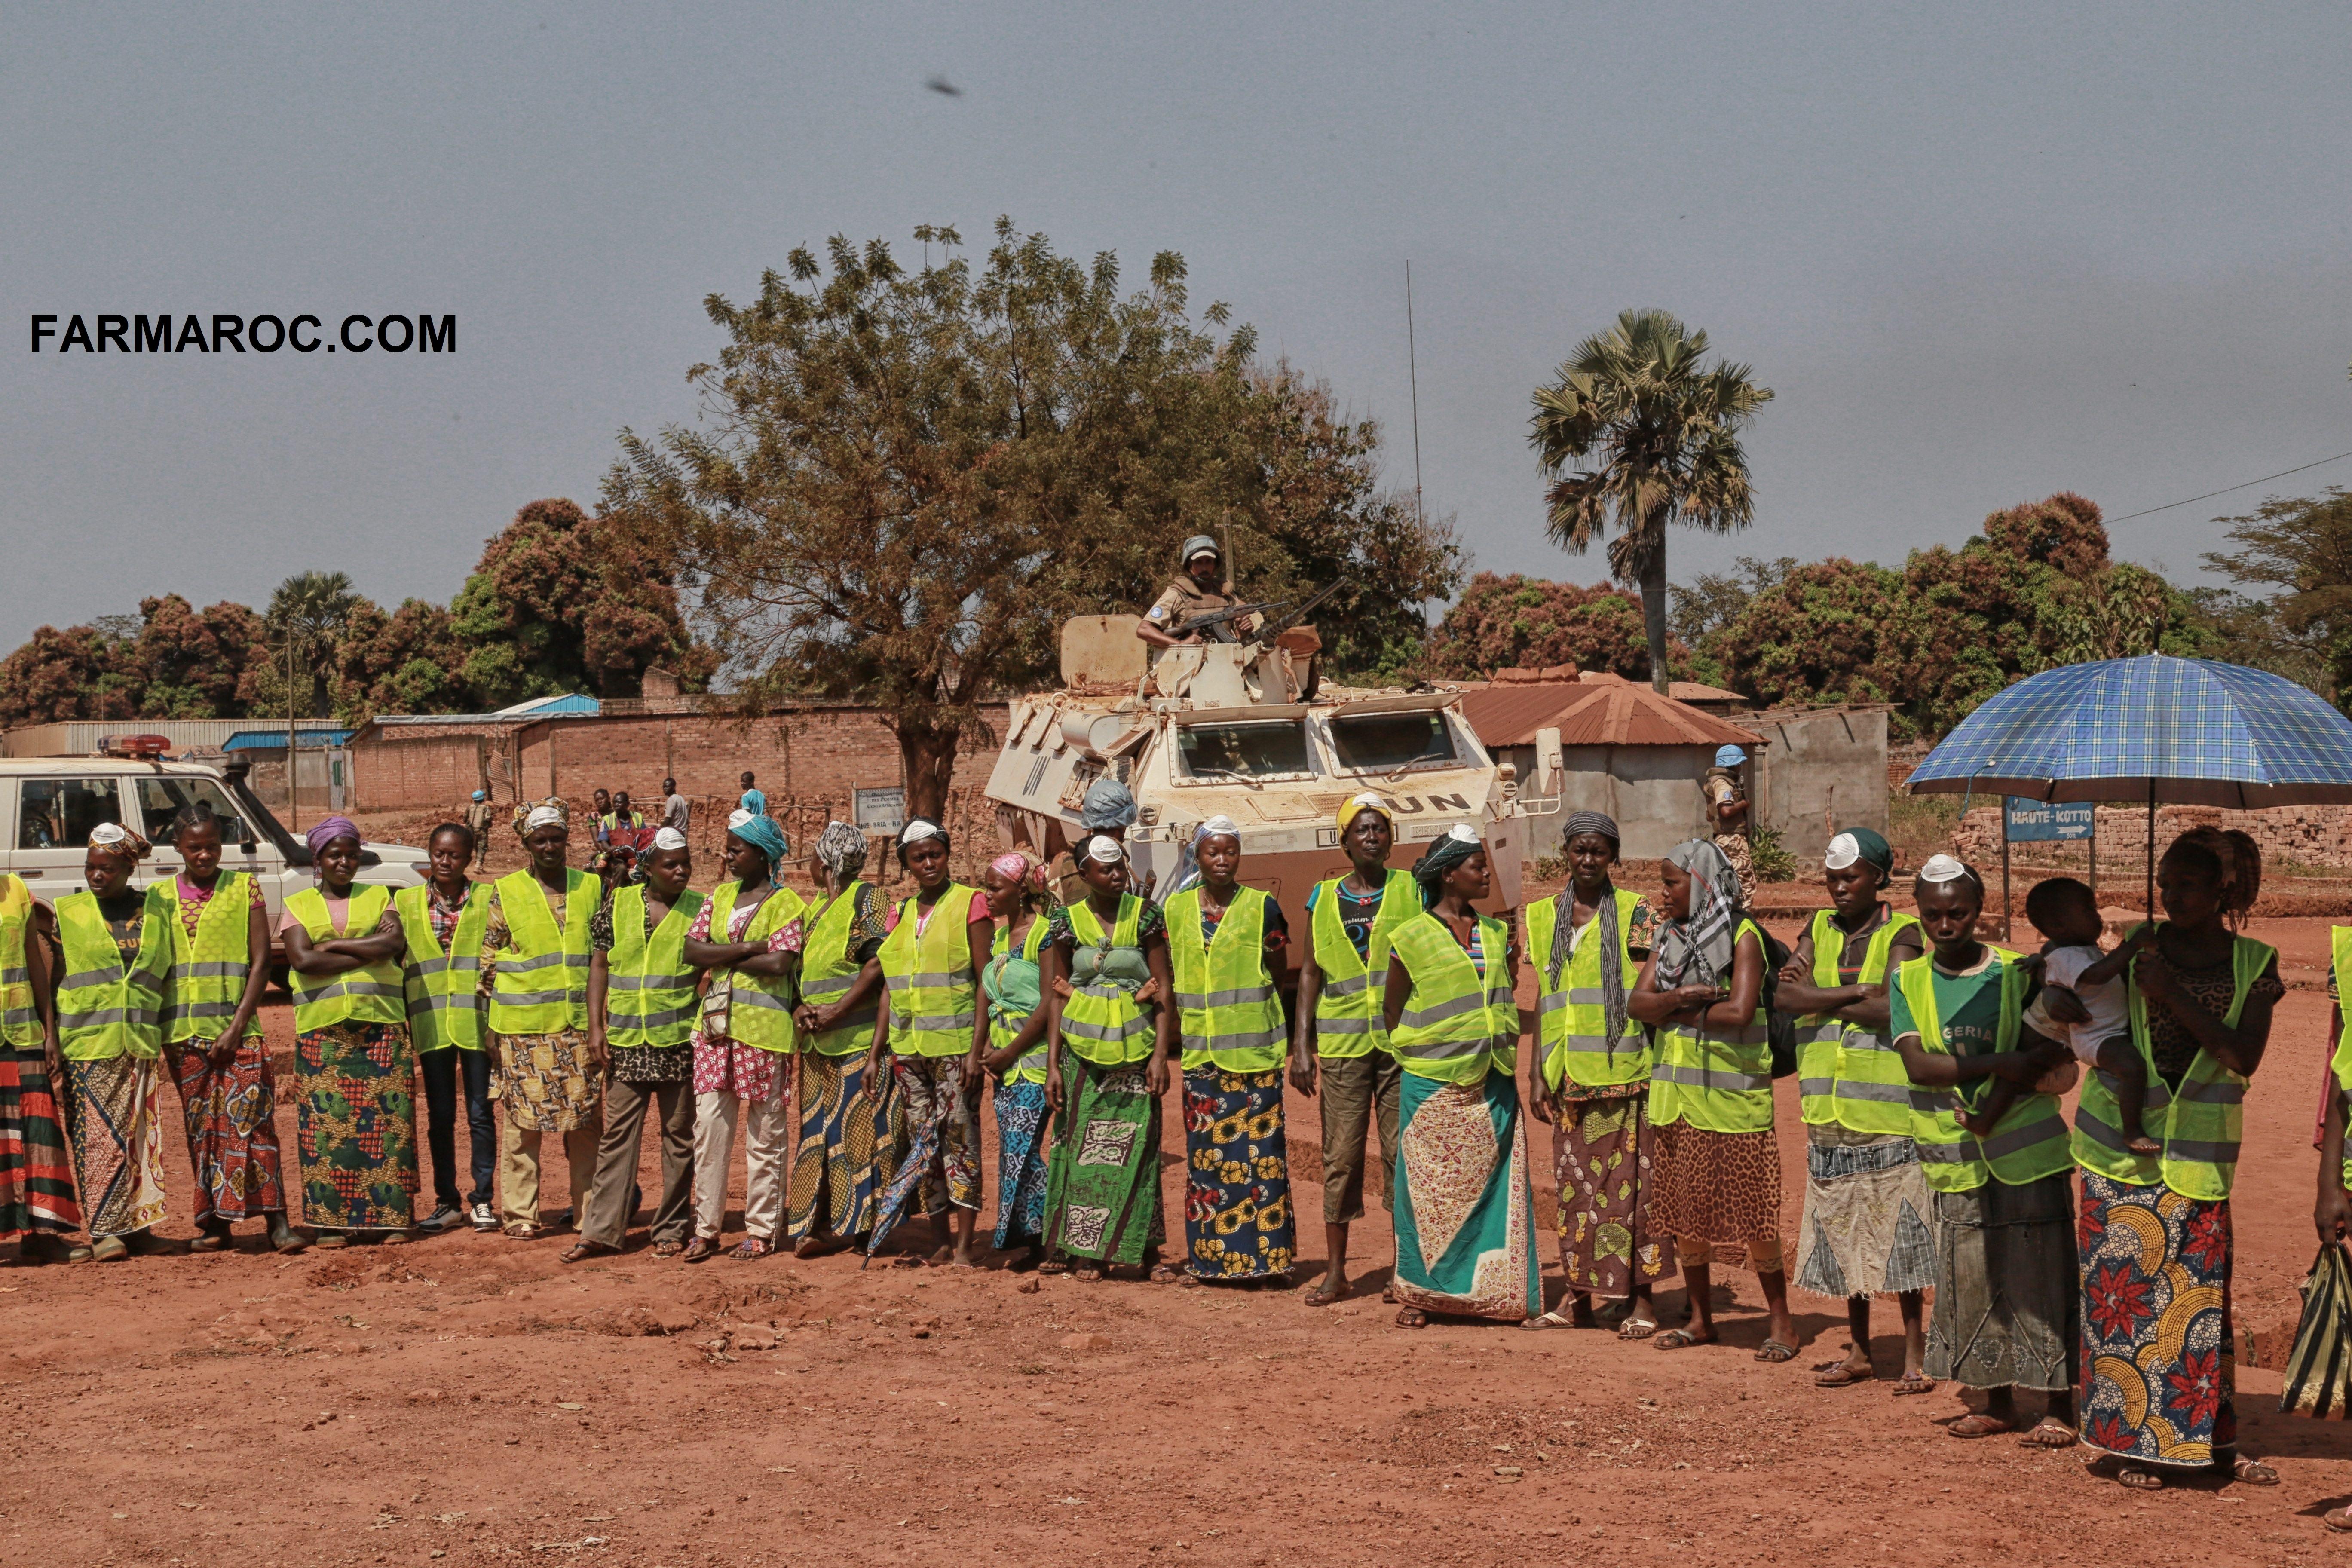 Maintien de la paix dans le monde - Les FAR en République Centrafricaine - RCA (MINUSCA) - Page 3 823031237001240592162dc036eo